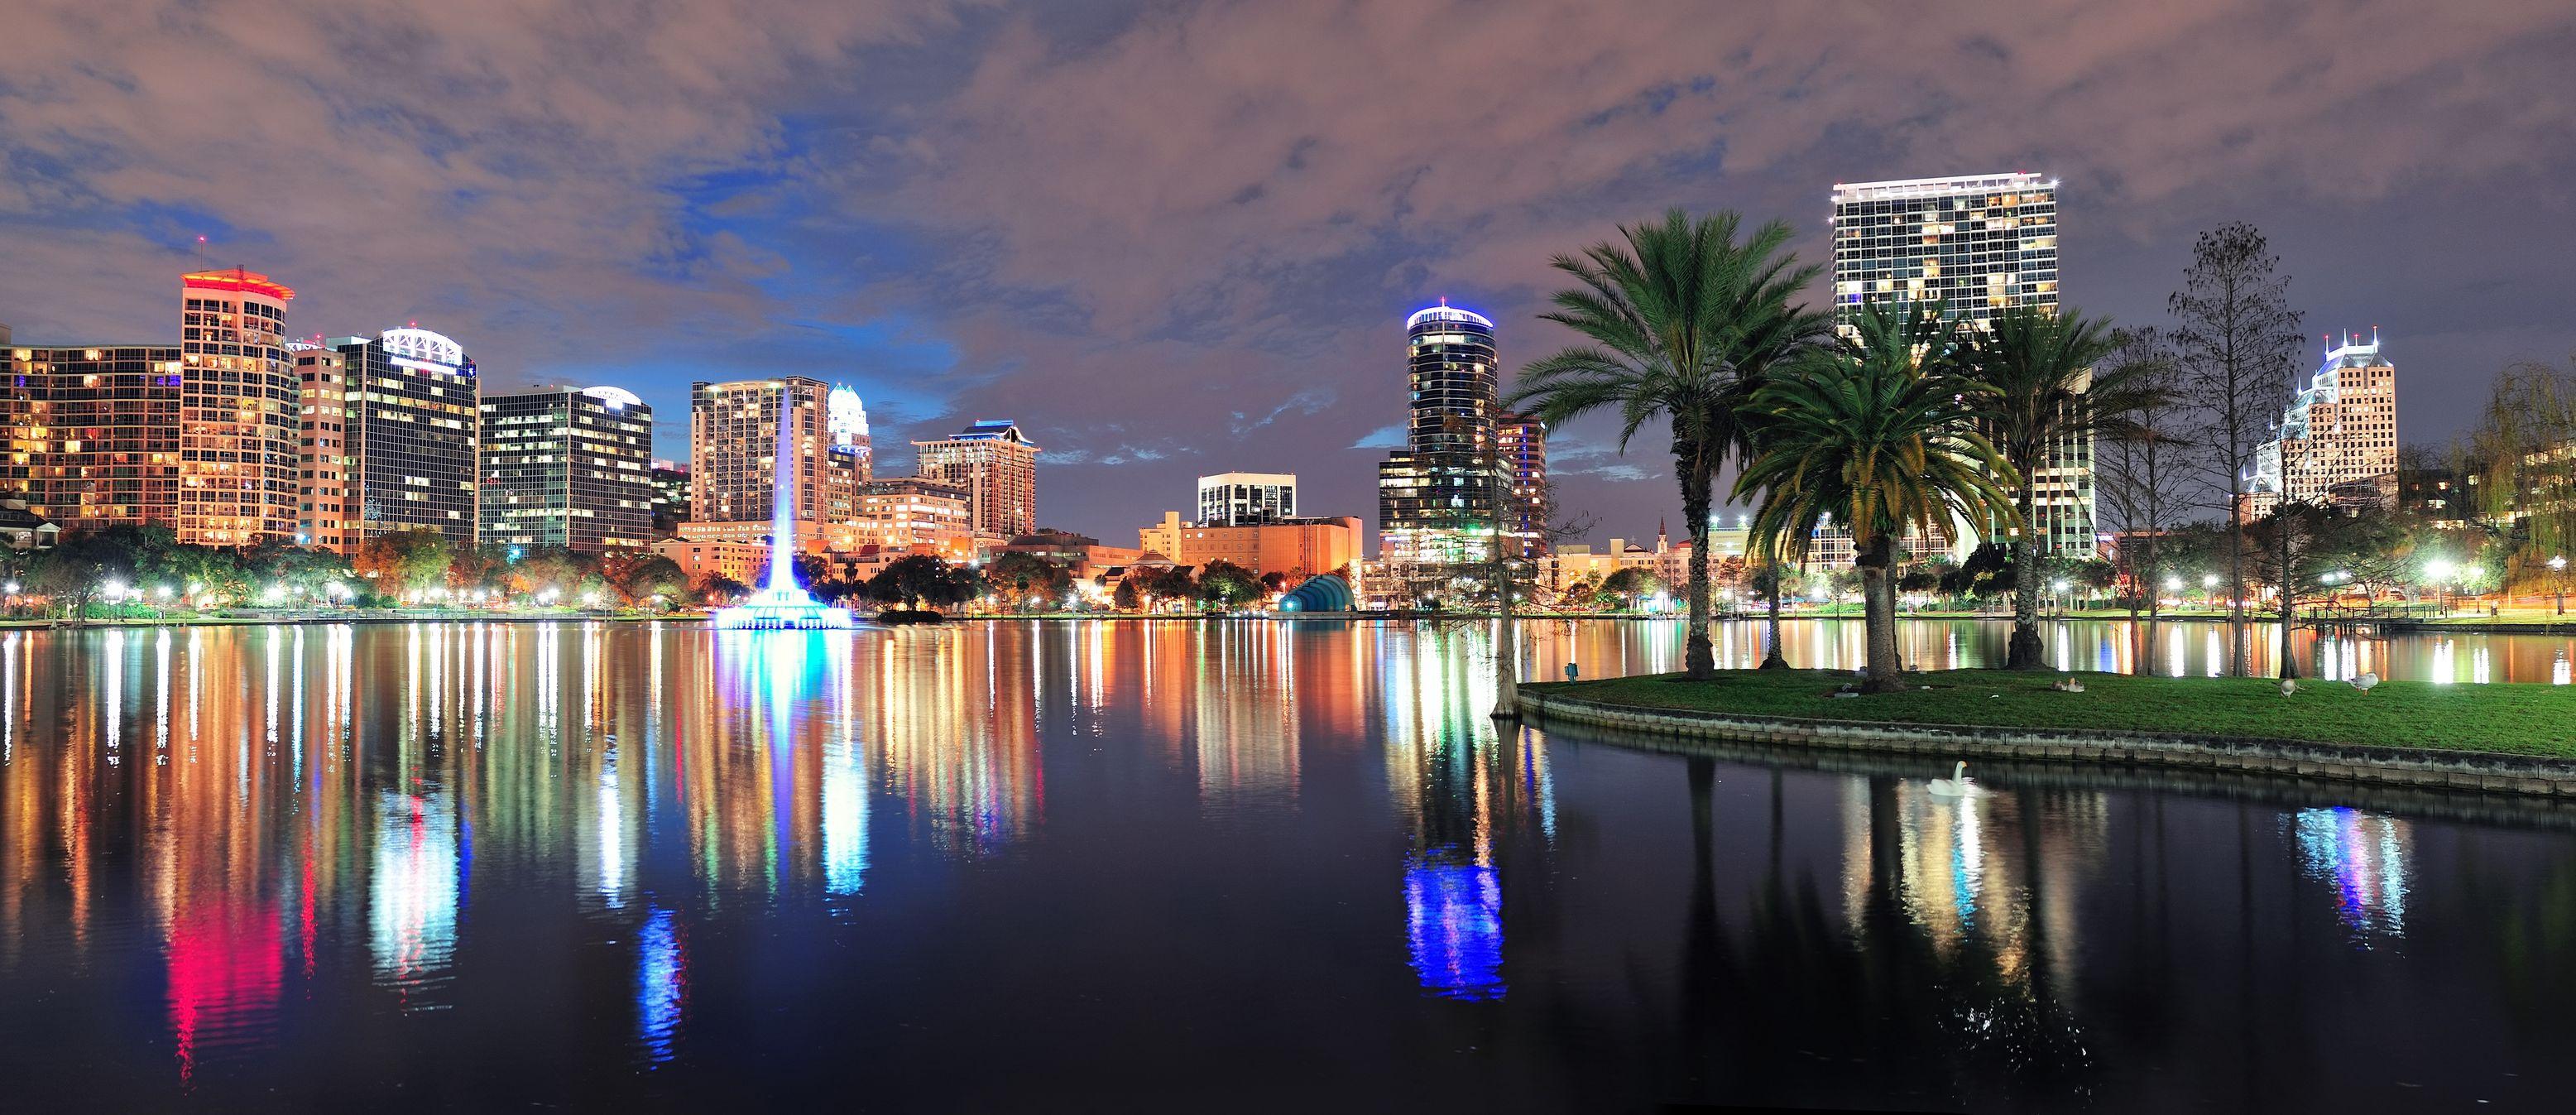 Synergy Orlando